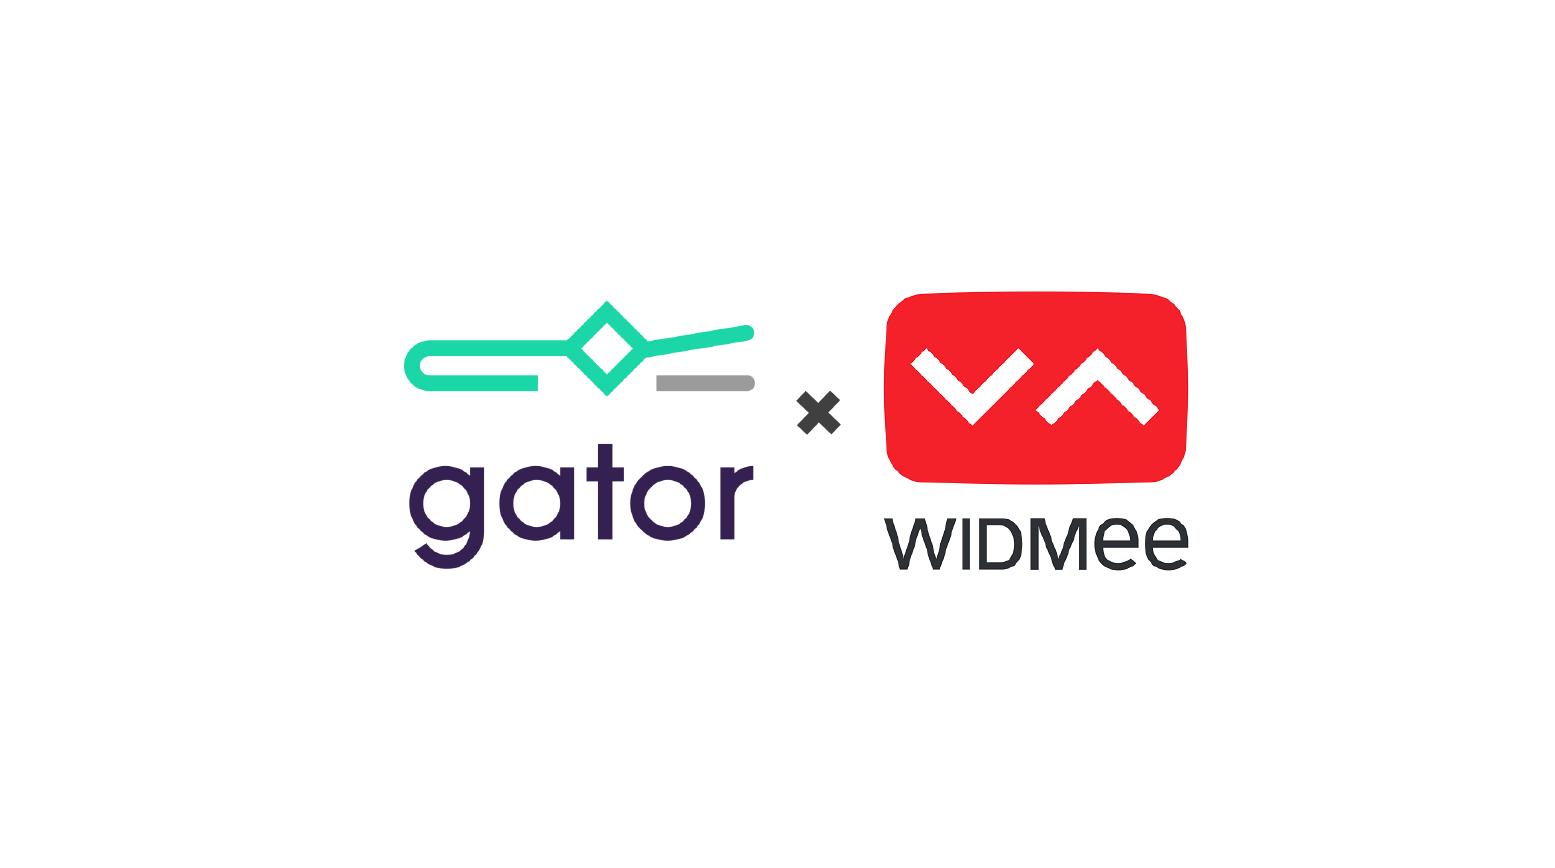 gator_widmee